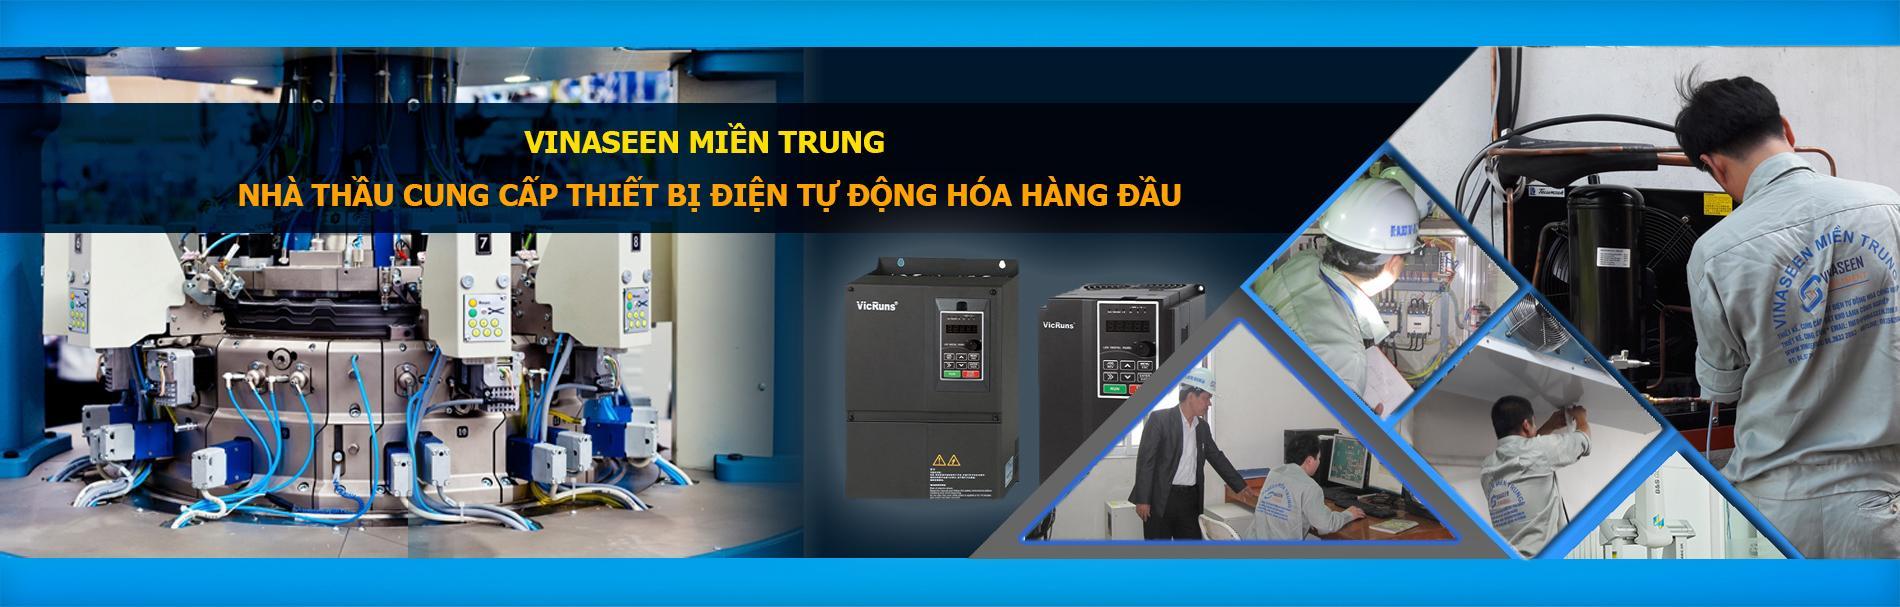 Điện tự động hóa công nghiệp